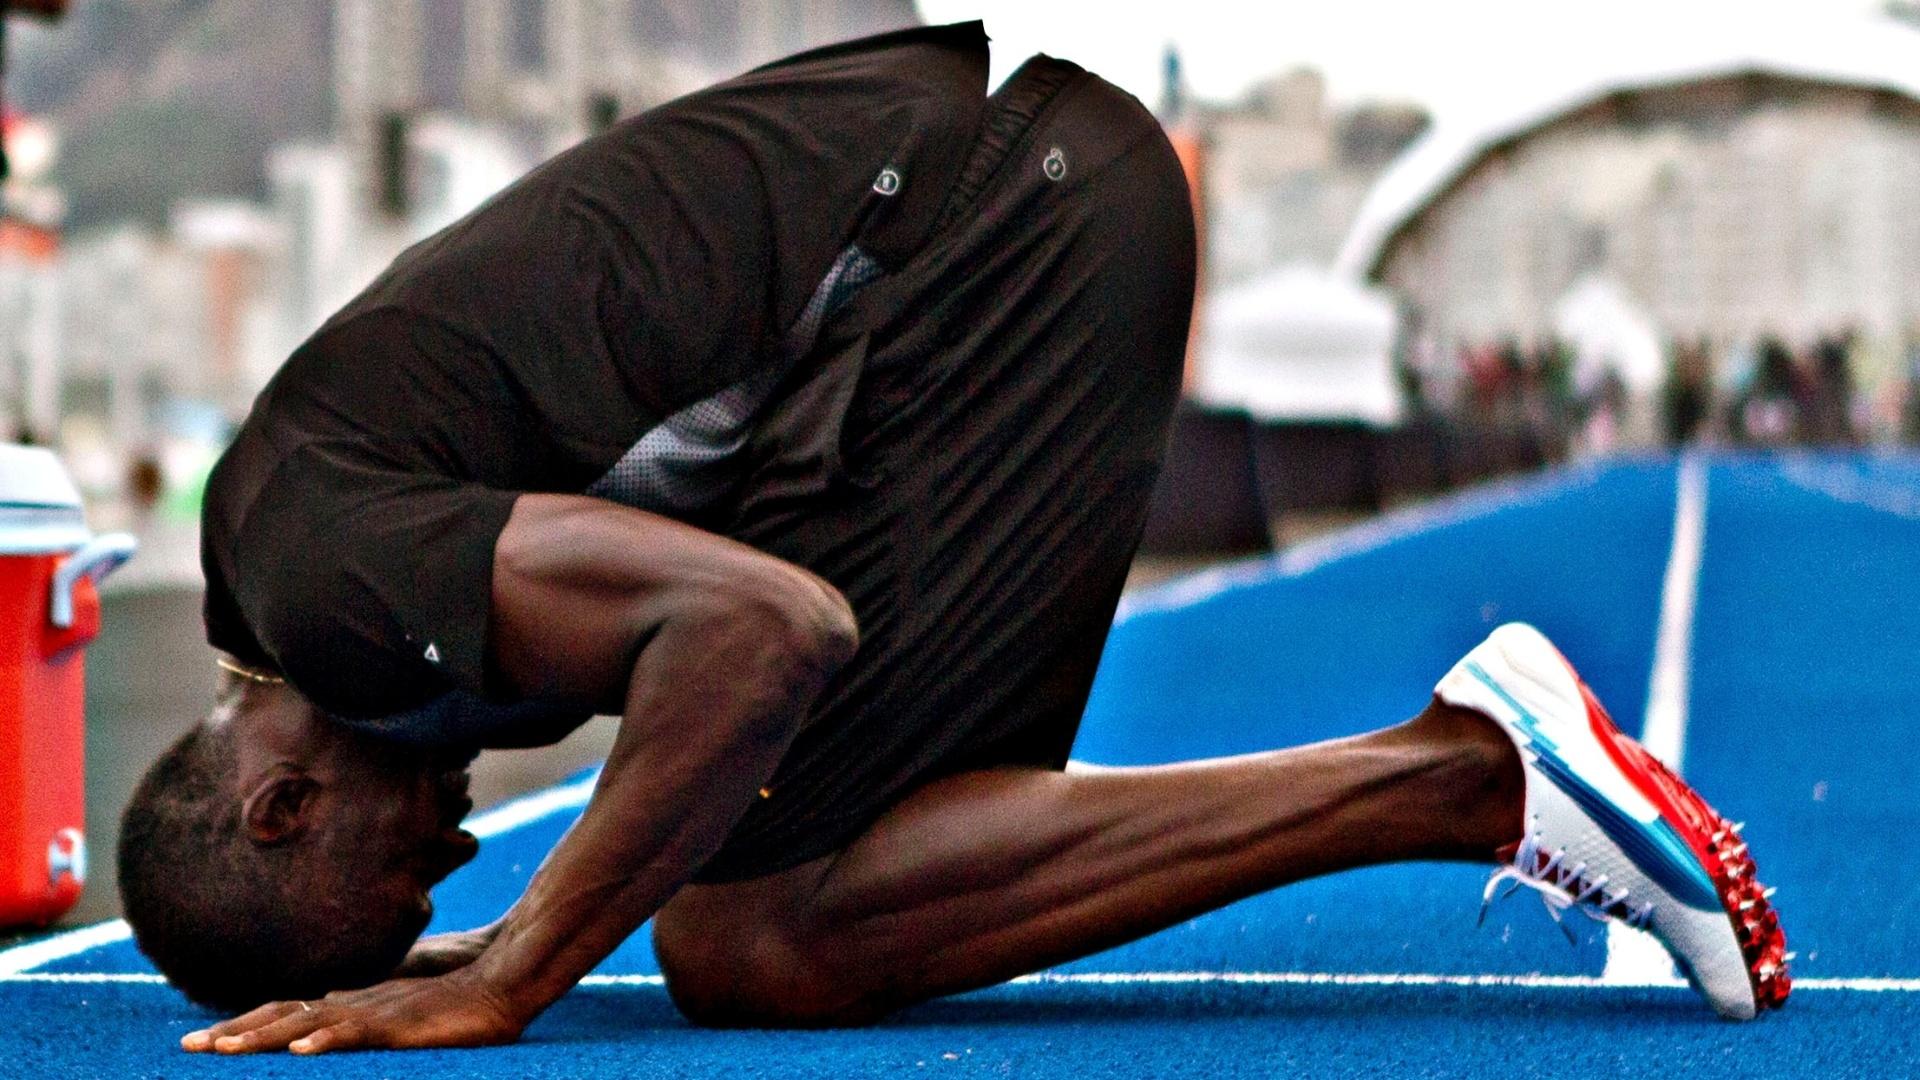 29.03.2013 - Usain Bolt treinou nesta sexta-feira na Praia de Copacabana para o evento no domingo no Rio de Janeiro